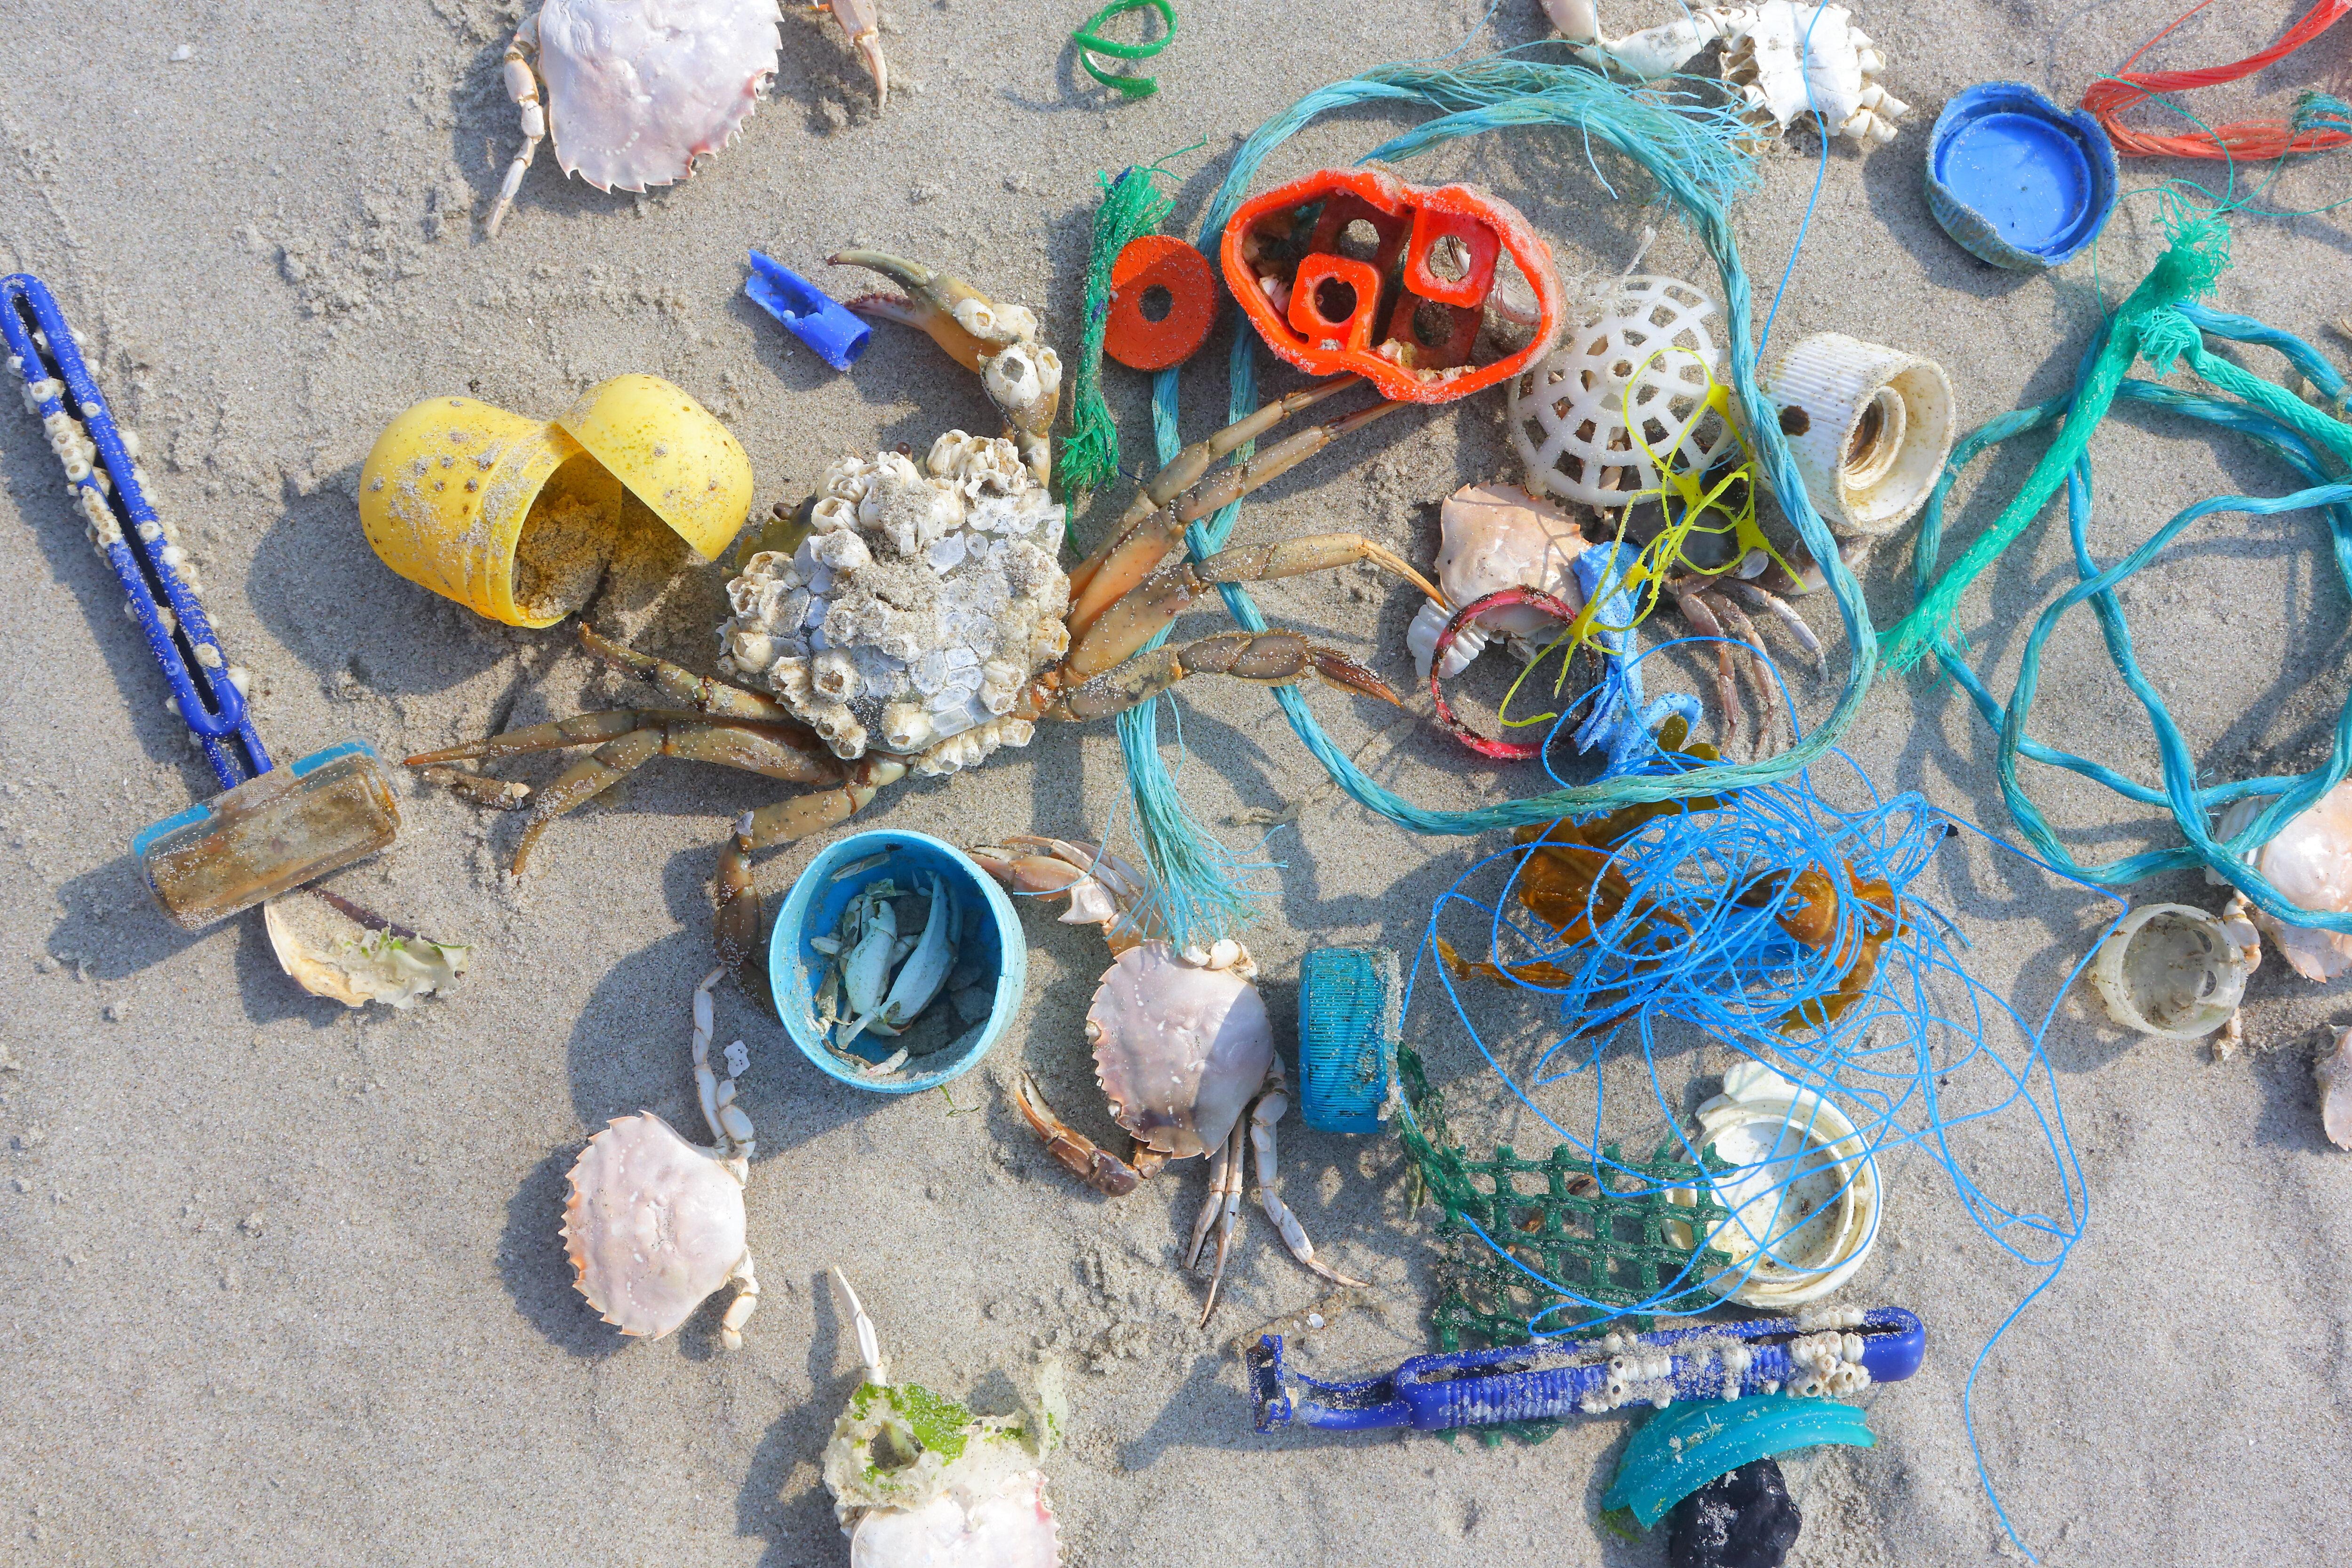 Plastique sur la plage (mer du Nord)